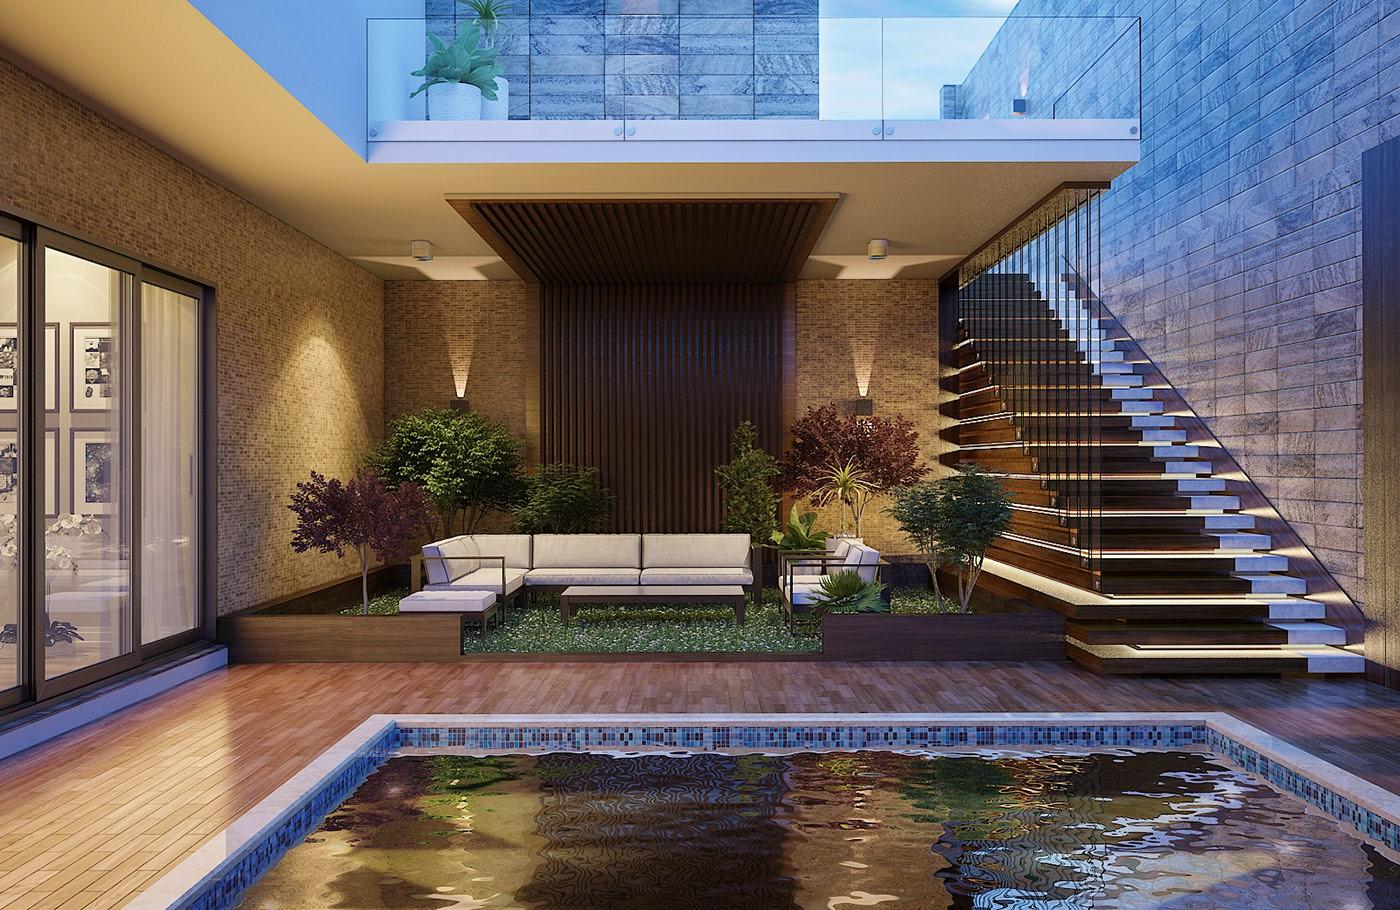 Ngôi nhà phố sở hữu hồ bơi tuyệt đẹp nằm ngay trong nhà - Hình 1